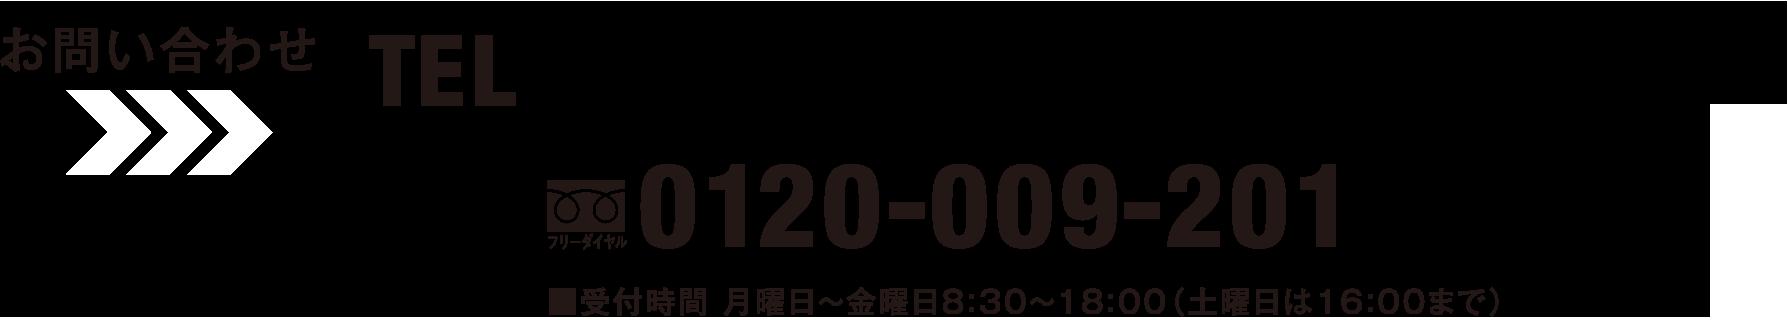 お問い合わせTEL0829-39-2240(代表)0120-009-201■受付時間 月曜日〜金曜日8:30〜18:00(土曜日は16:00まで)